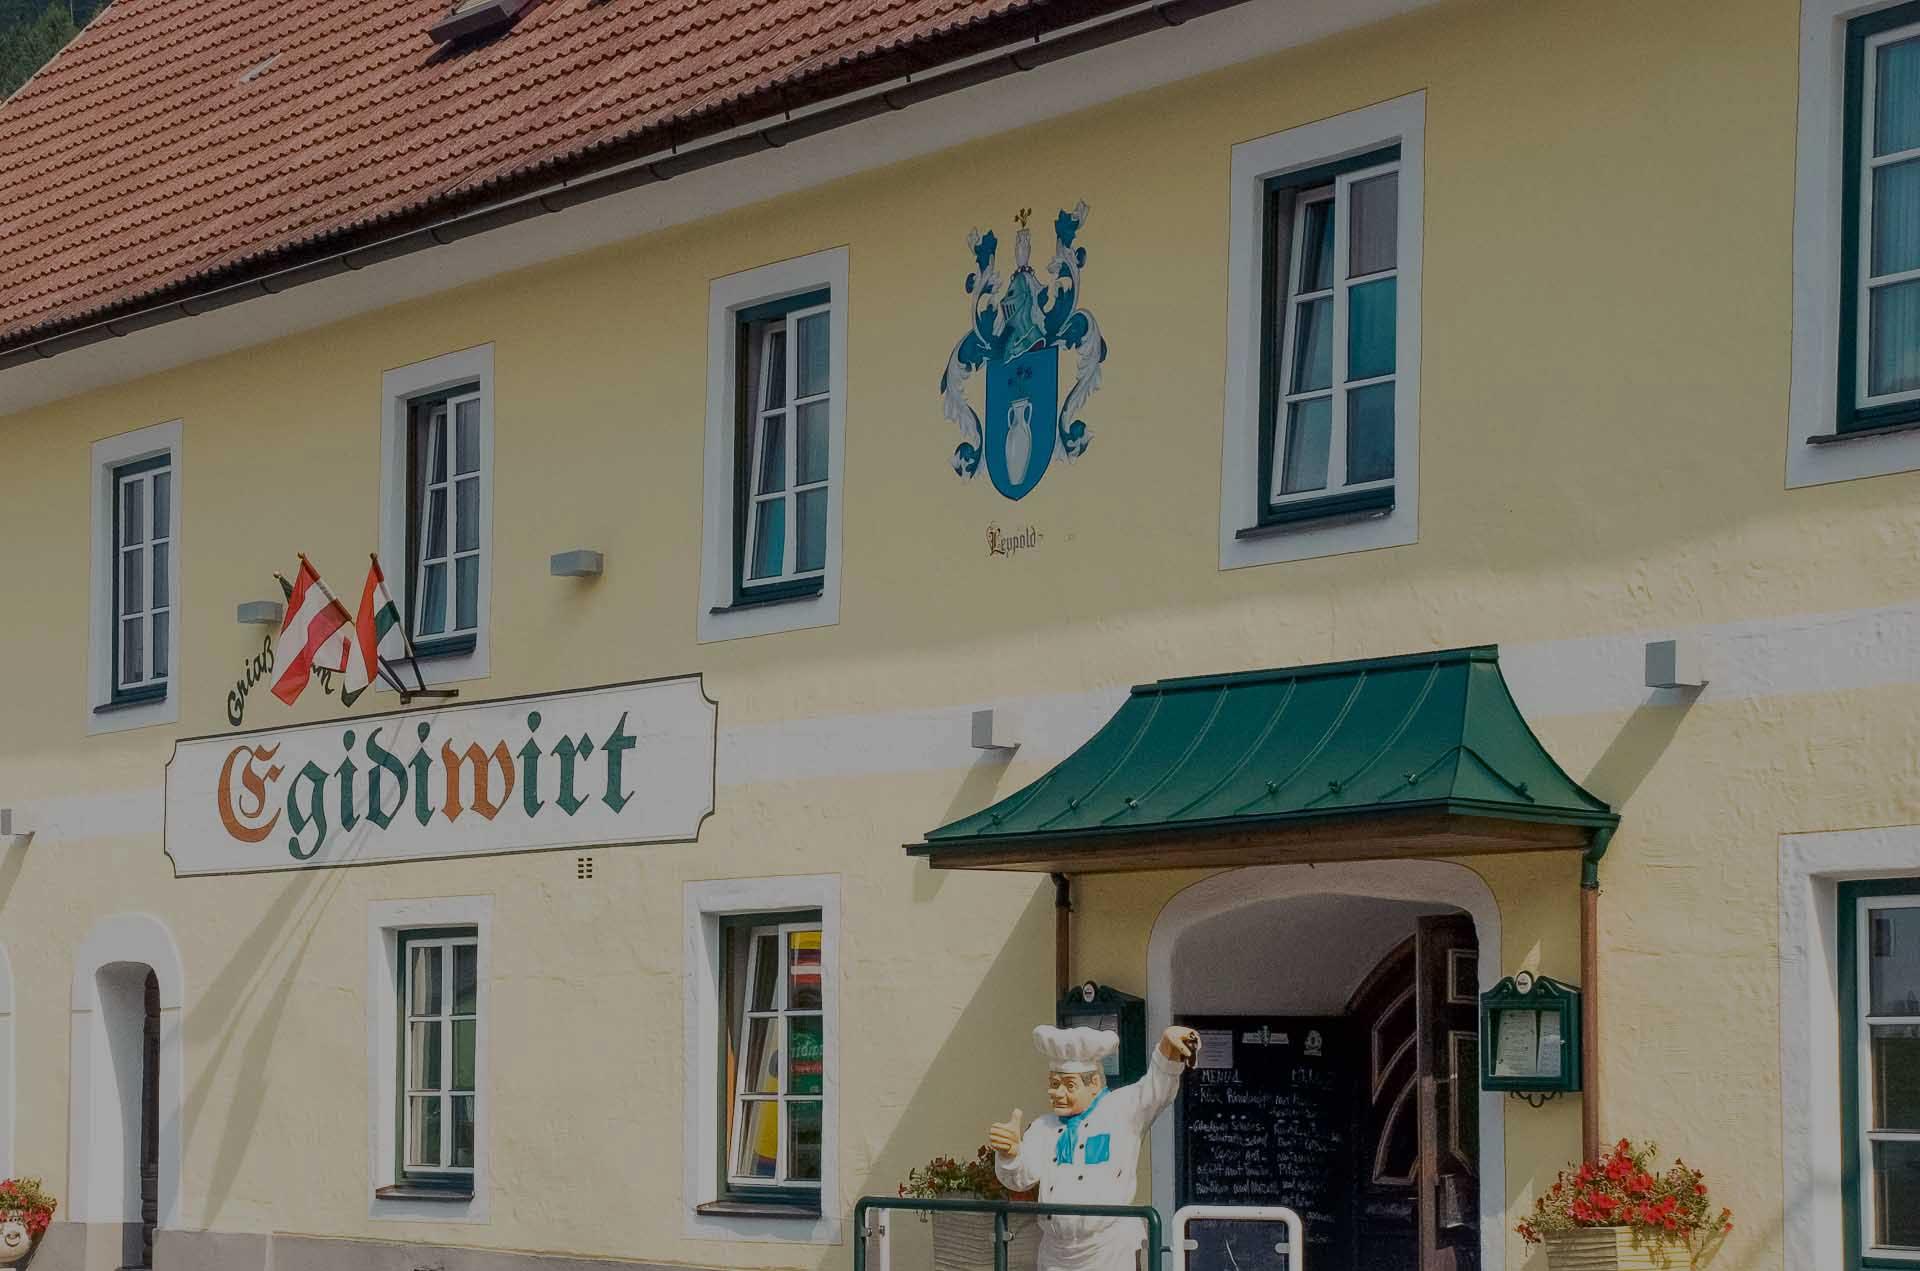 Gasthof Egidiwirt Murau